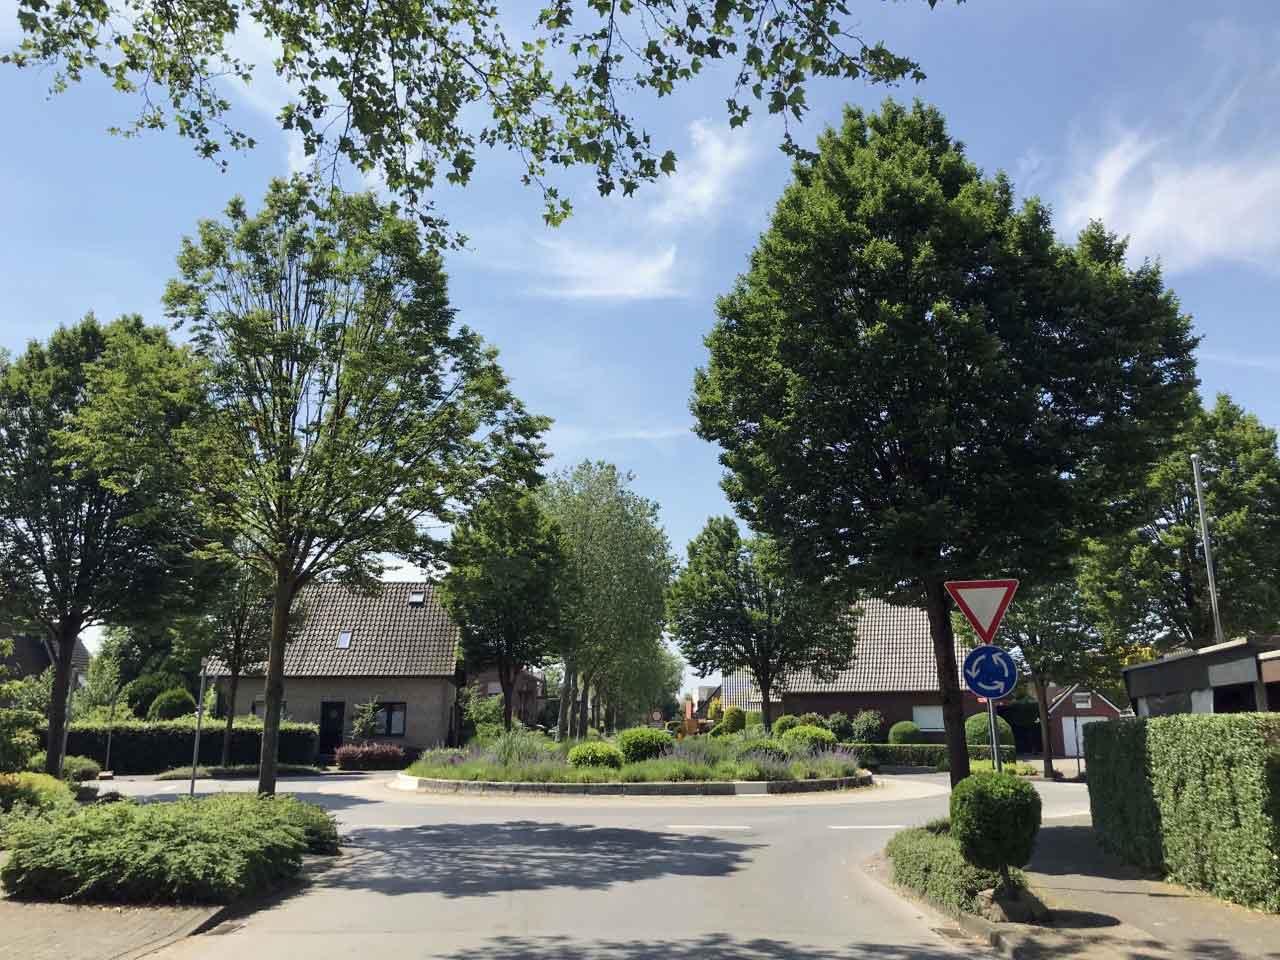 Kreisverkehr-Südring-Raesfeld